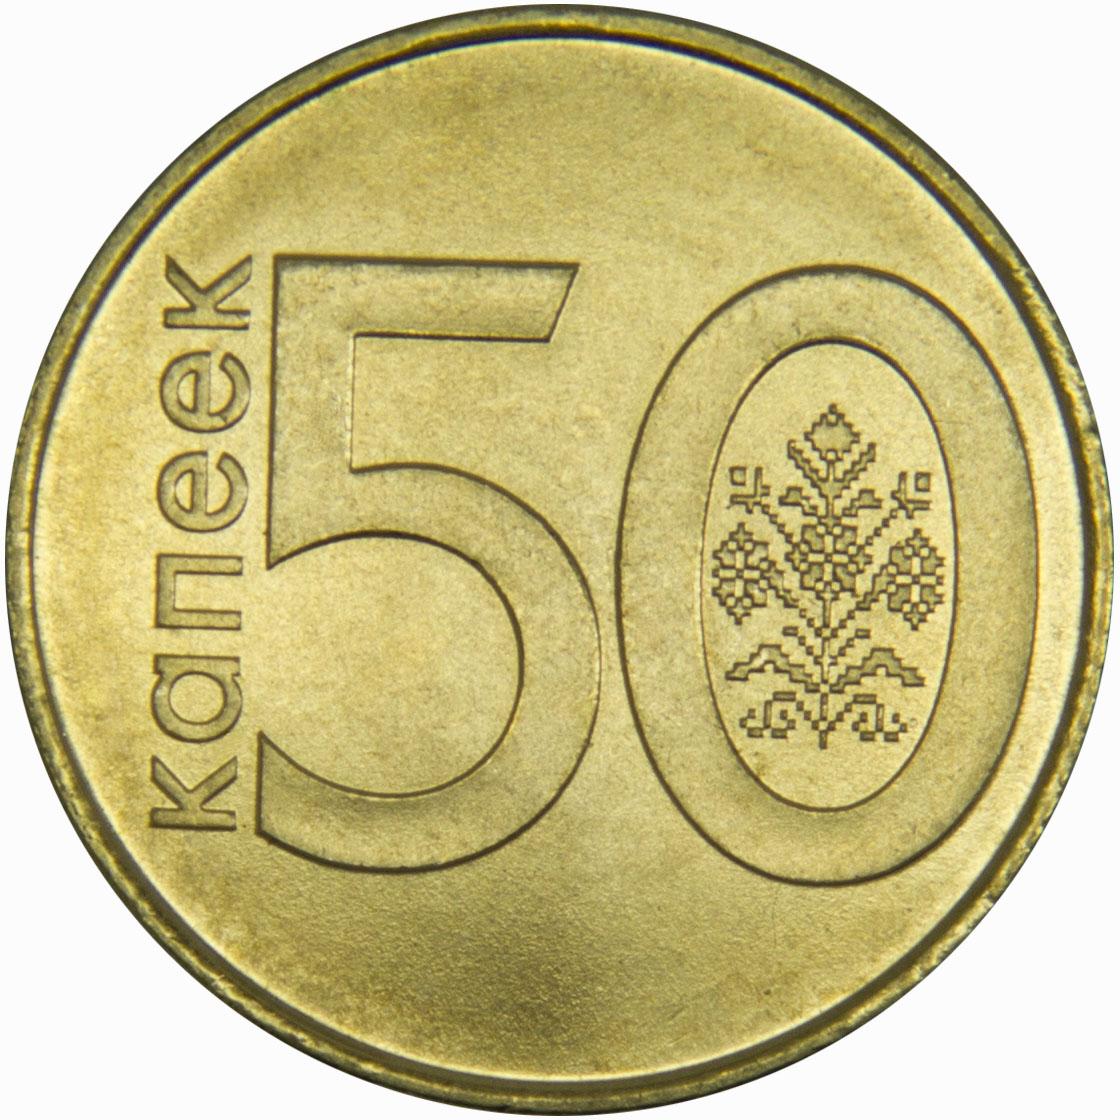 Монета номиналом 50 копеек. Сталь. Беларусь, 2009 год